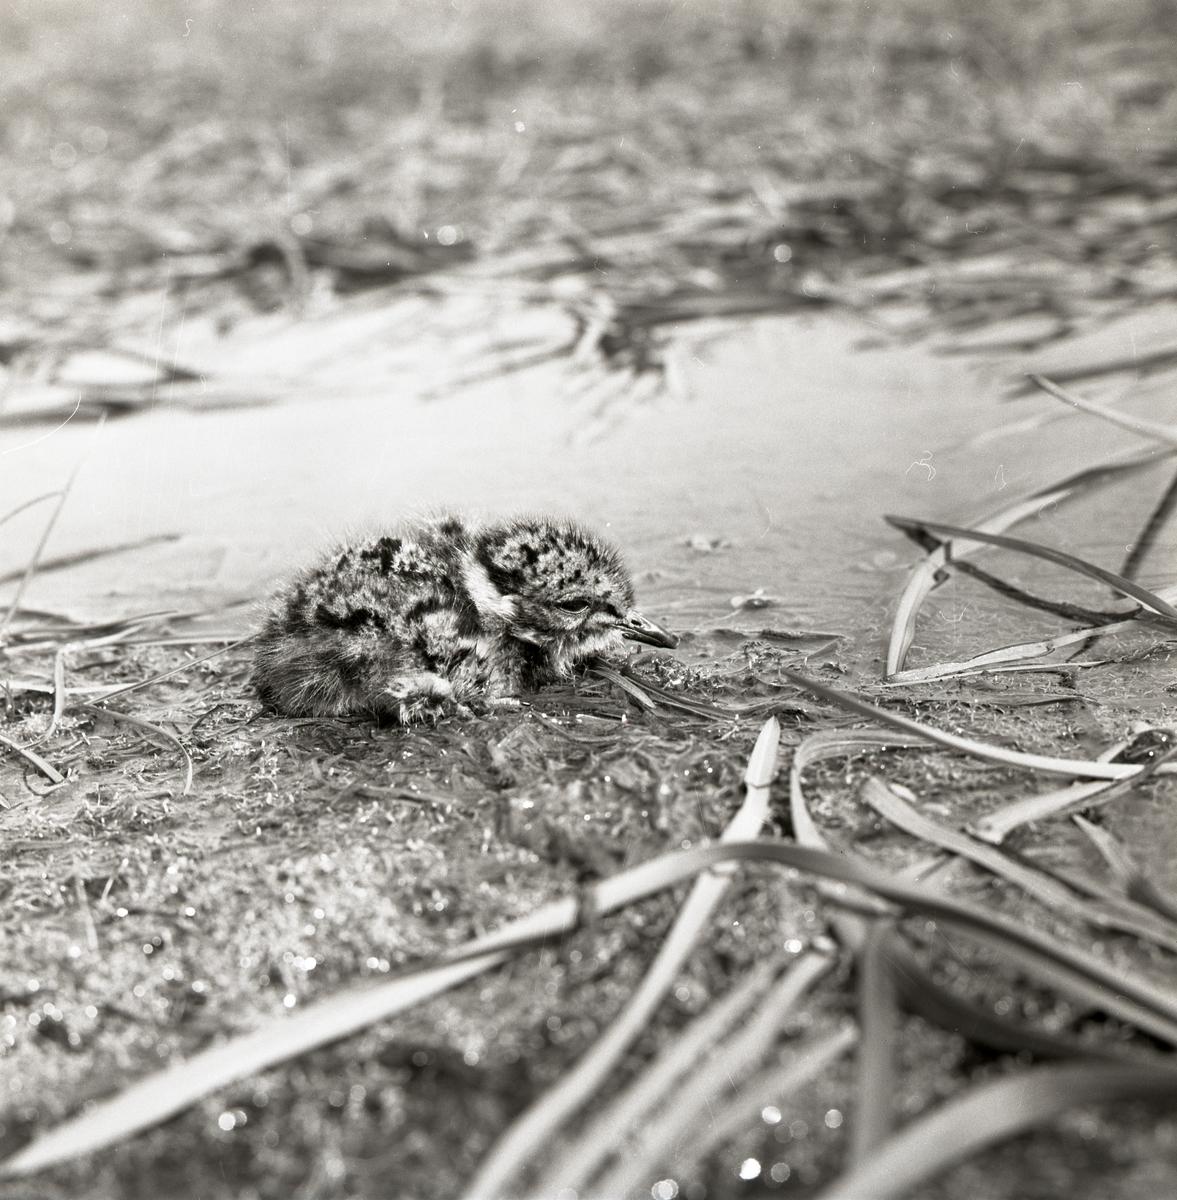 En tofsvipeunge ligger på marken vid Broddens, maj 1961.